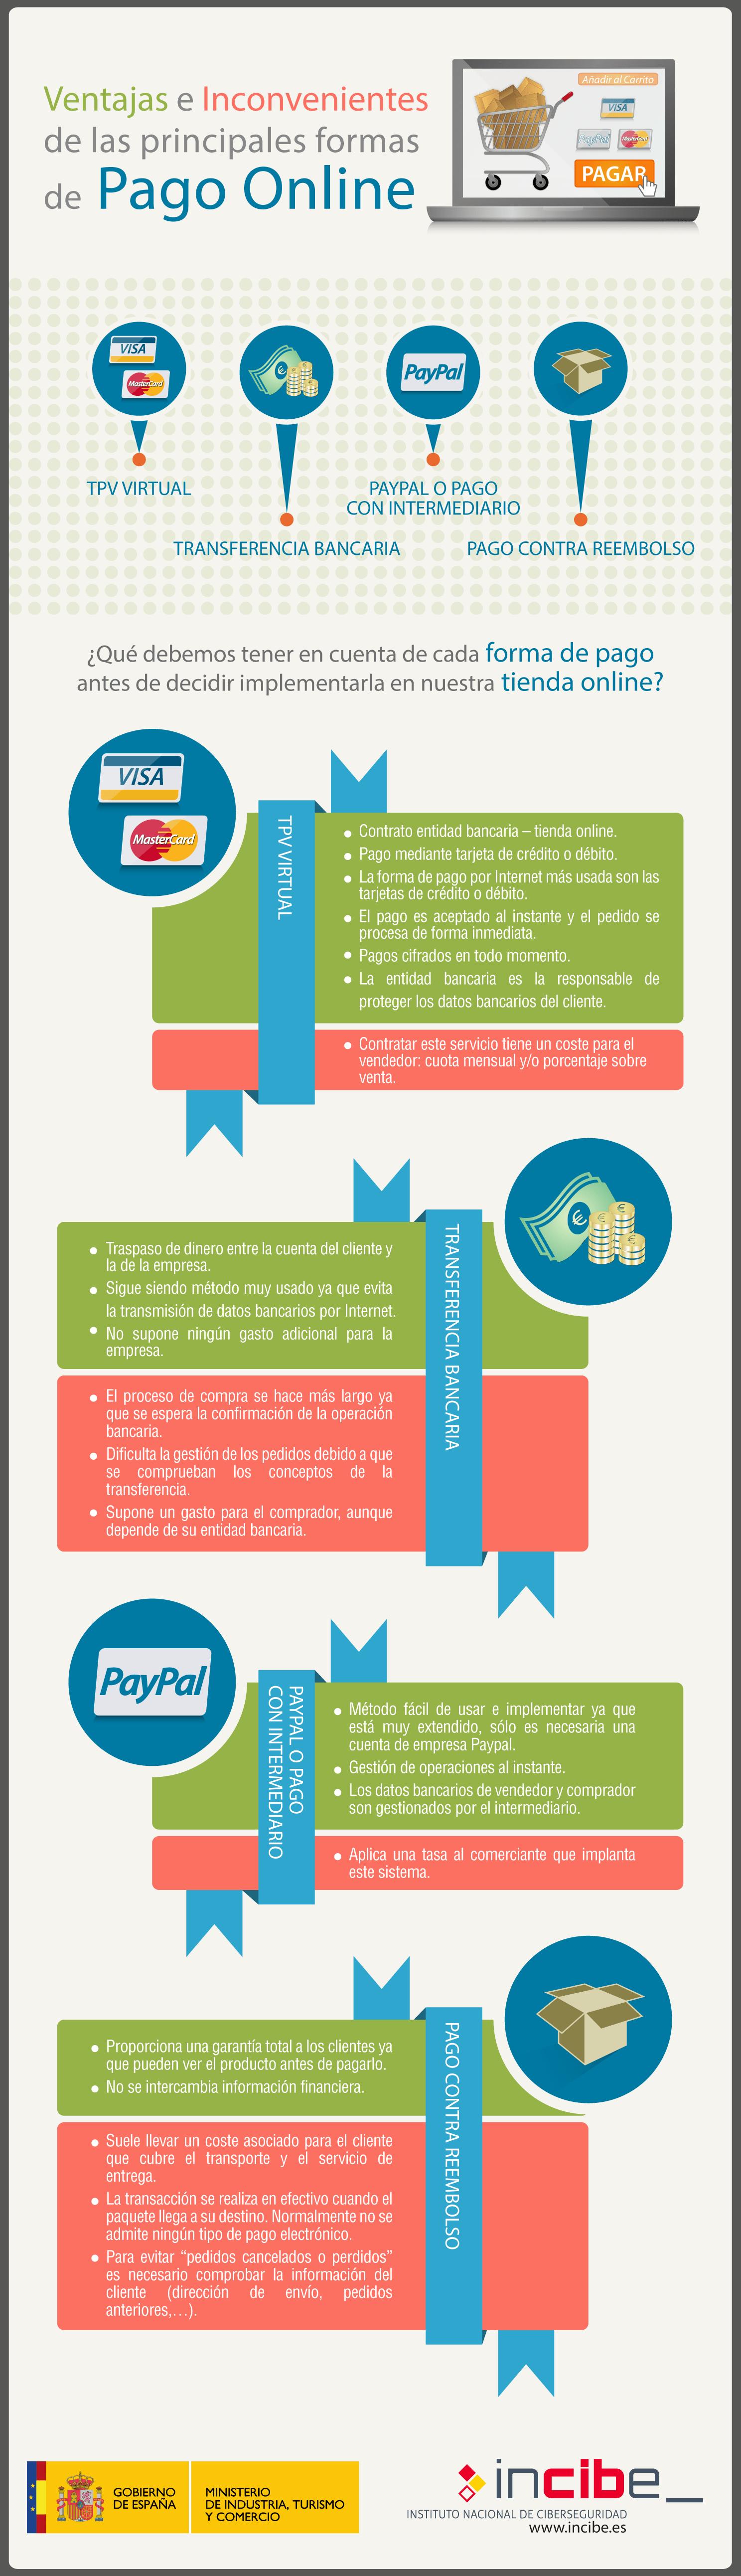 download Farbempfindung, Farbbeschreibung und Farbmessung: Eine